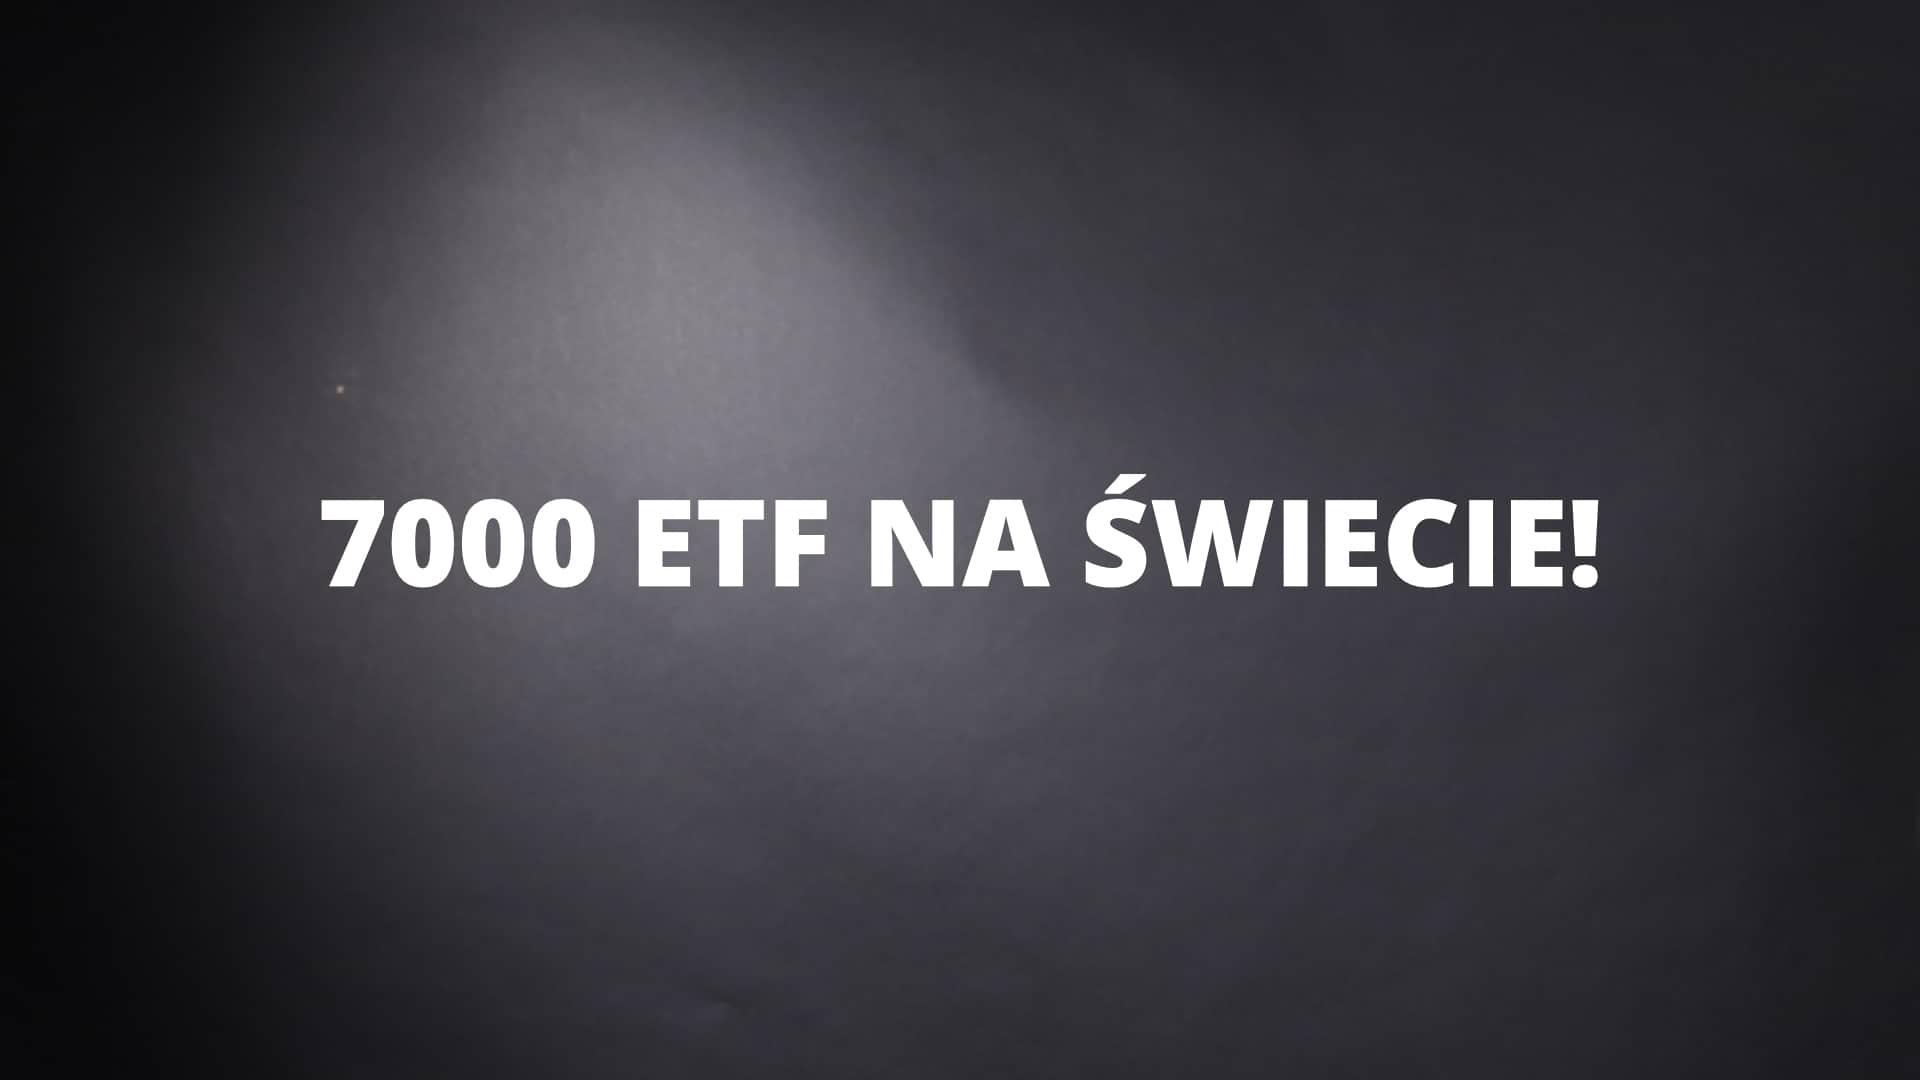 Liczba ETFów